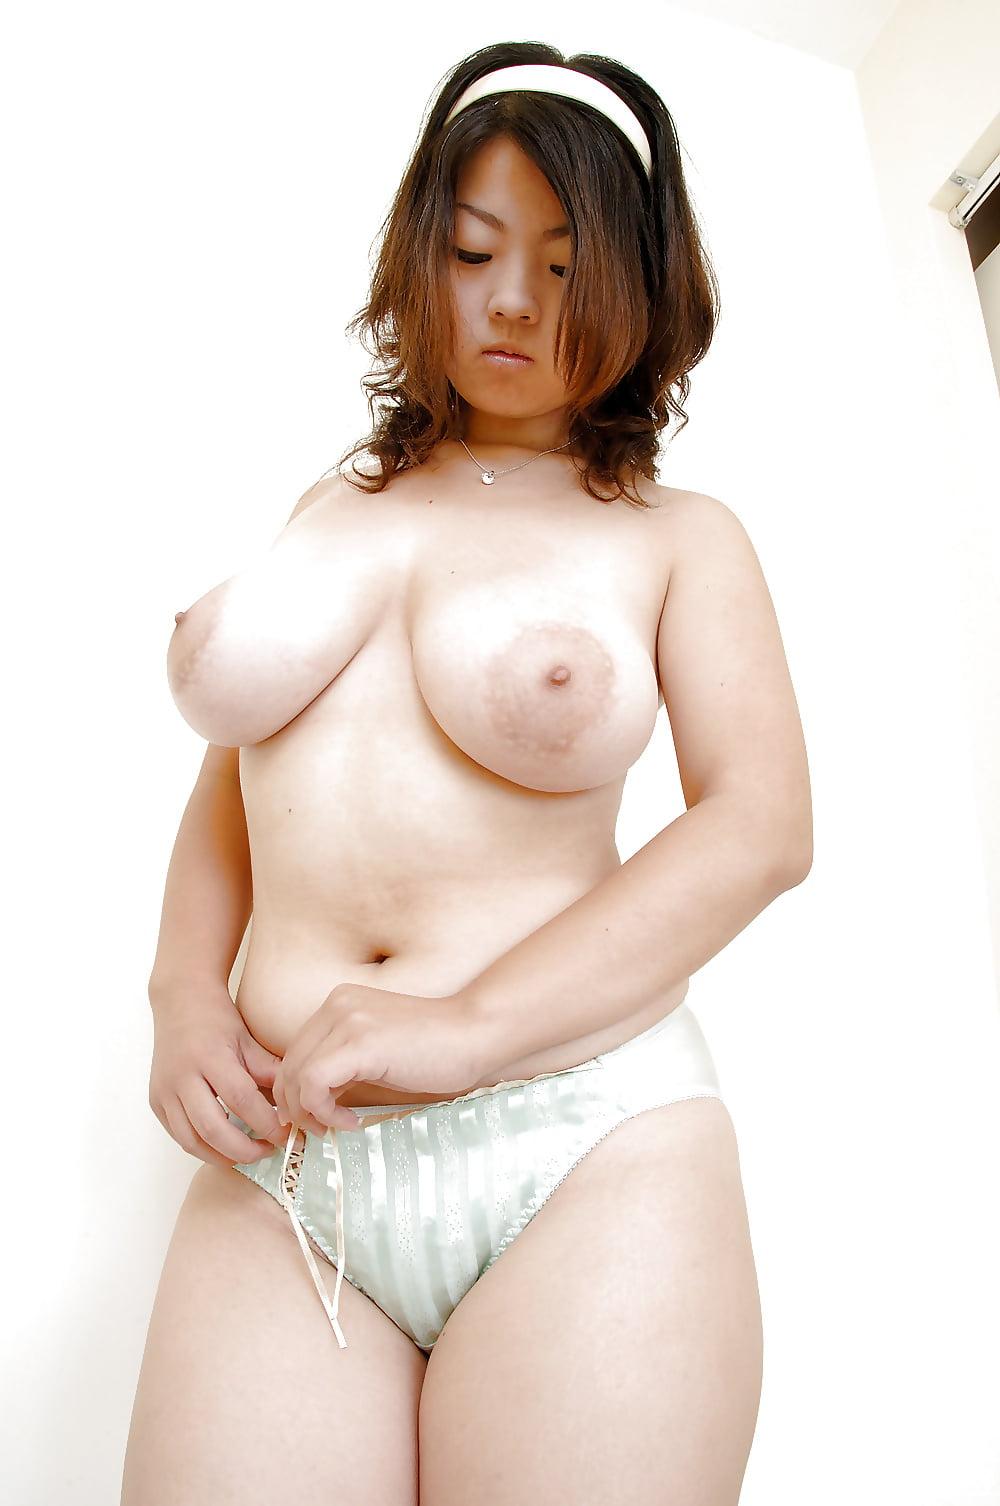 моя мать порно женщины с большими бедрами японское толстые азиатки решил